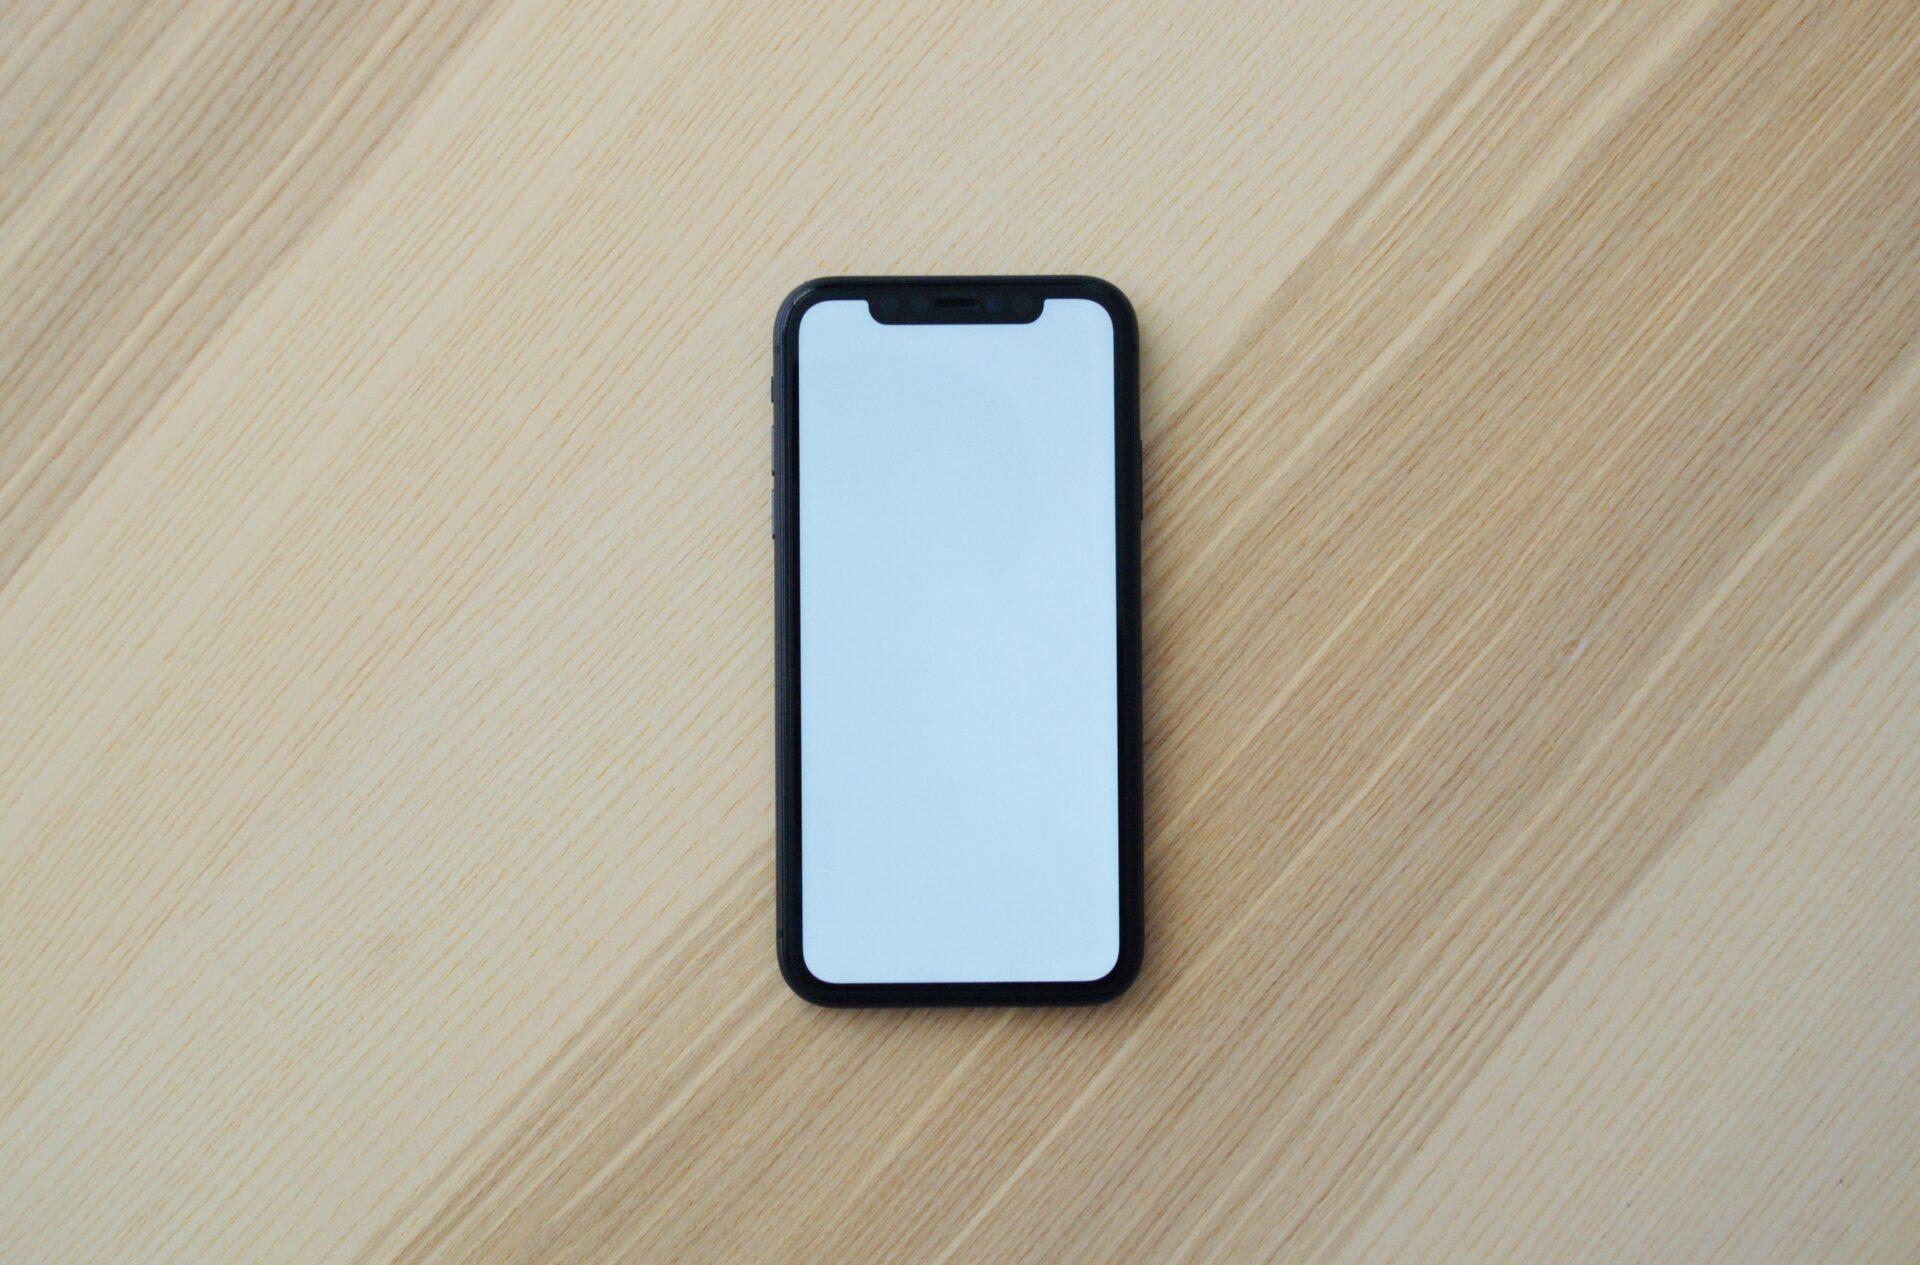 Iphone13予約開始!購入する前に知っておきたいおすすめポイントまとめ